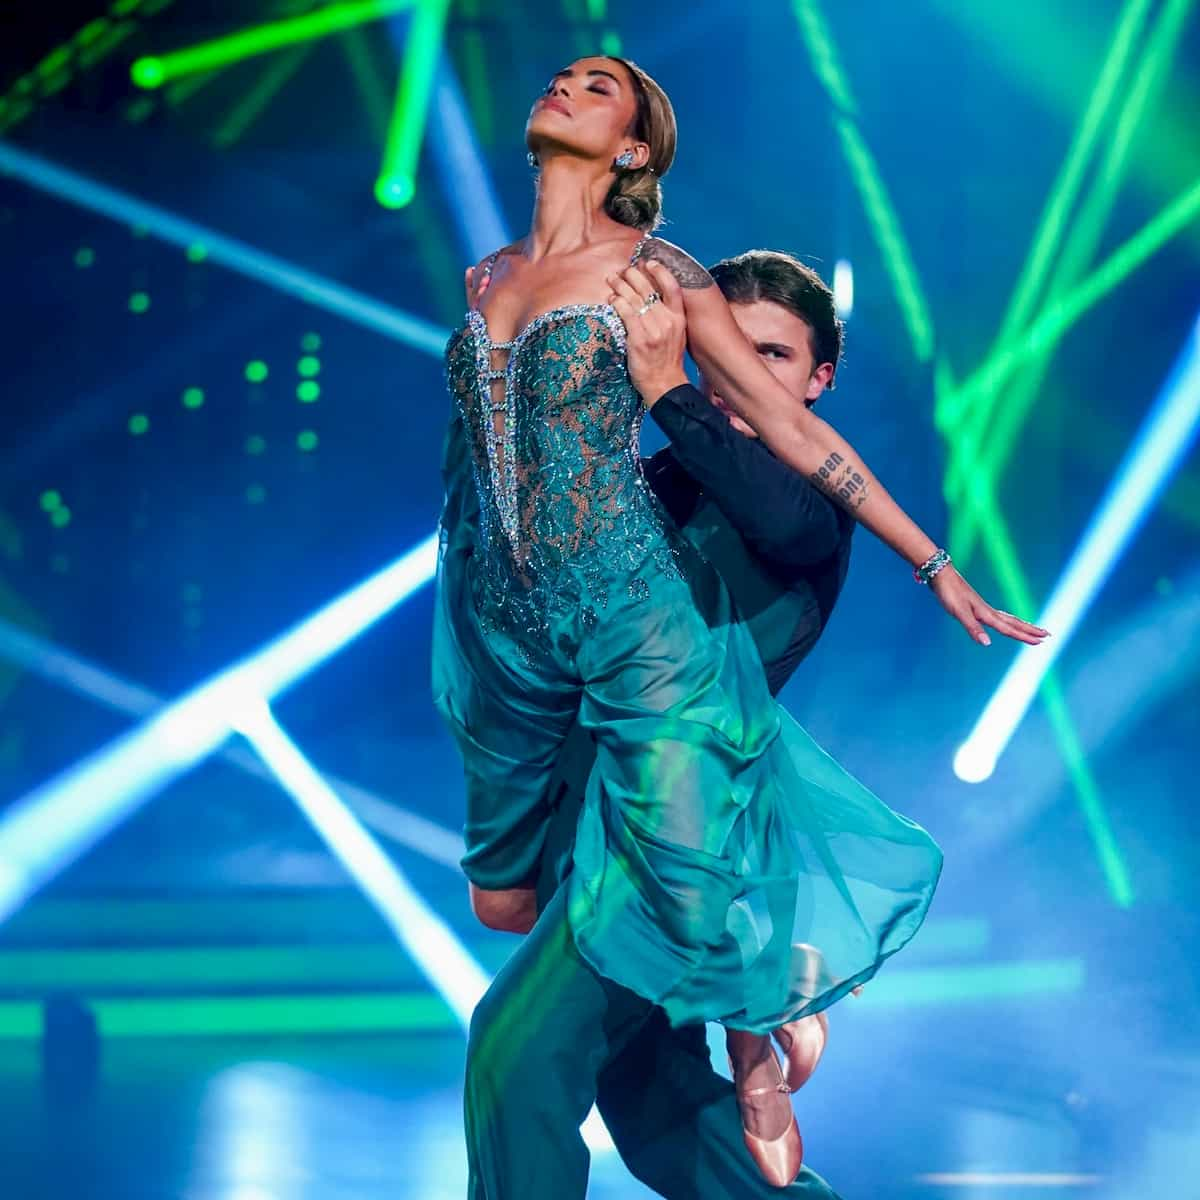 Sabrina Setlur - Nikita Kuzmin bei Let's dance 2020 am 28.2.2020